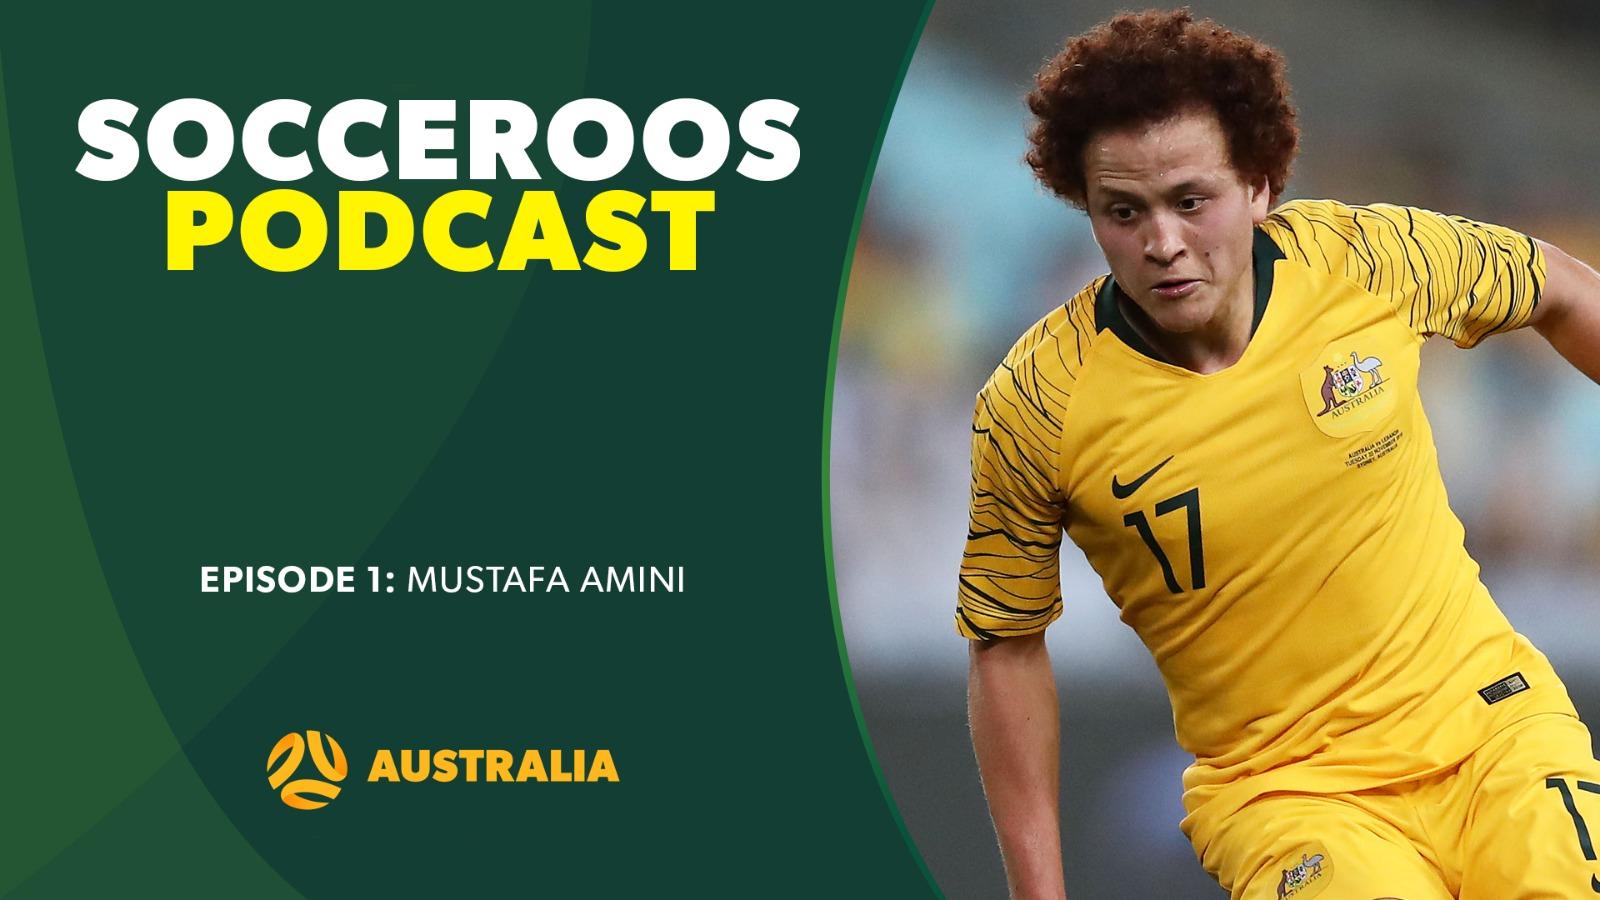 www.socceroos.com.au